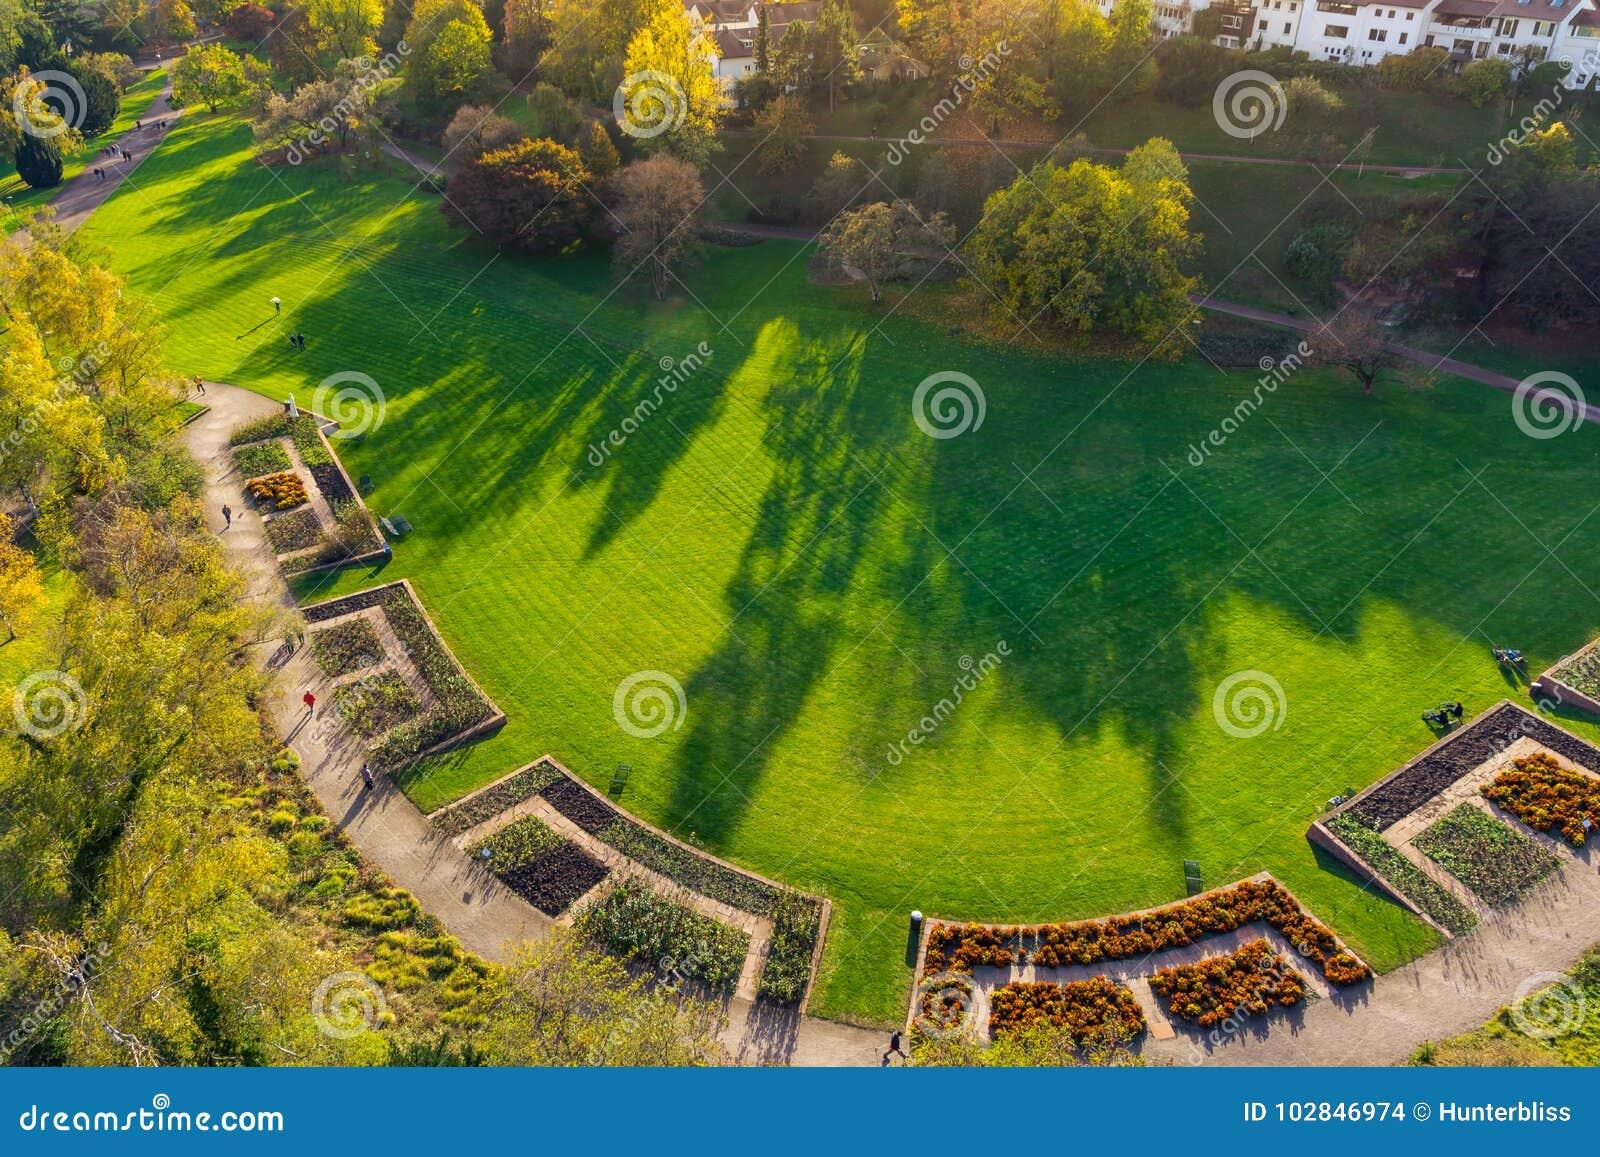 Grasartige Landschaft im Freien Autum Killesberg-Park-Stuttgarts Deutschland